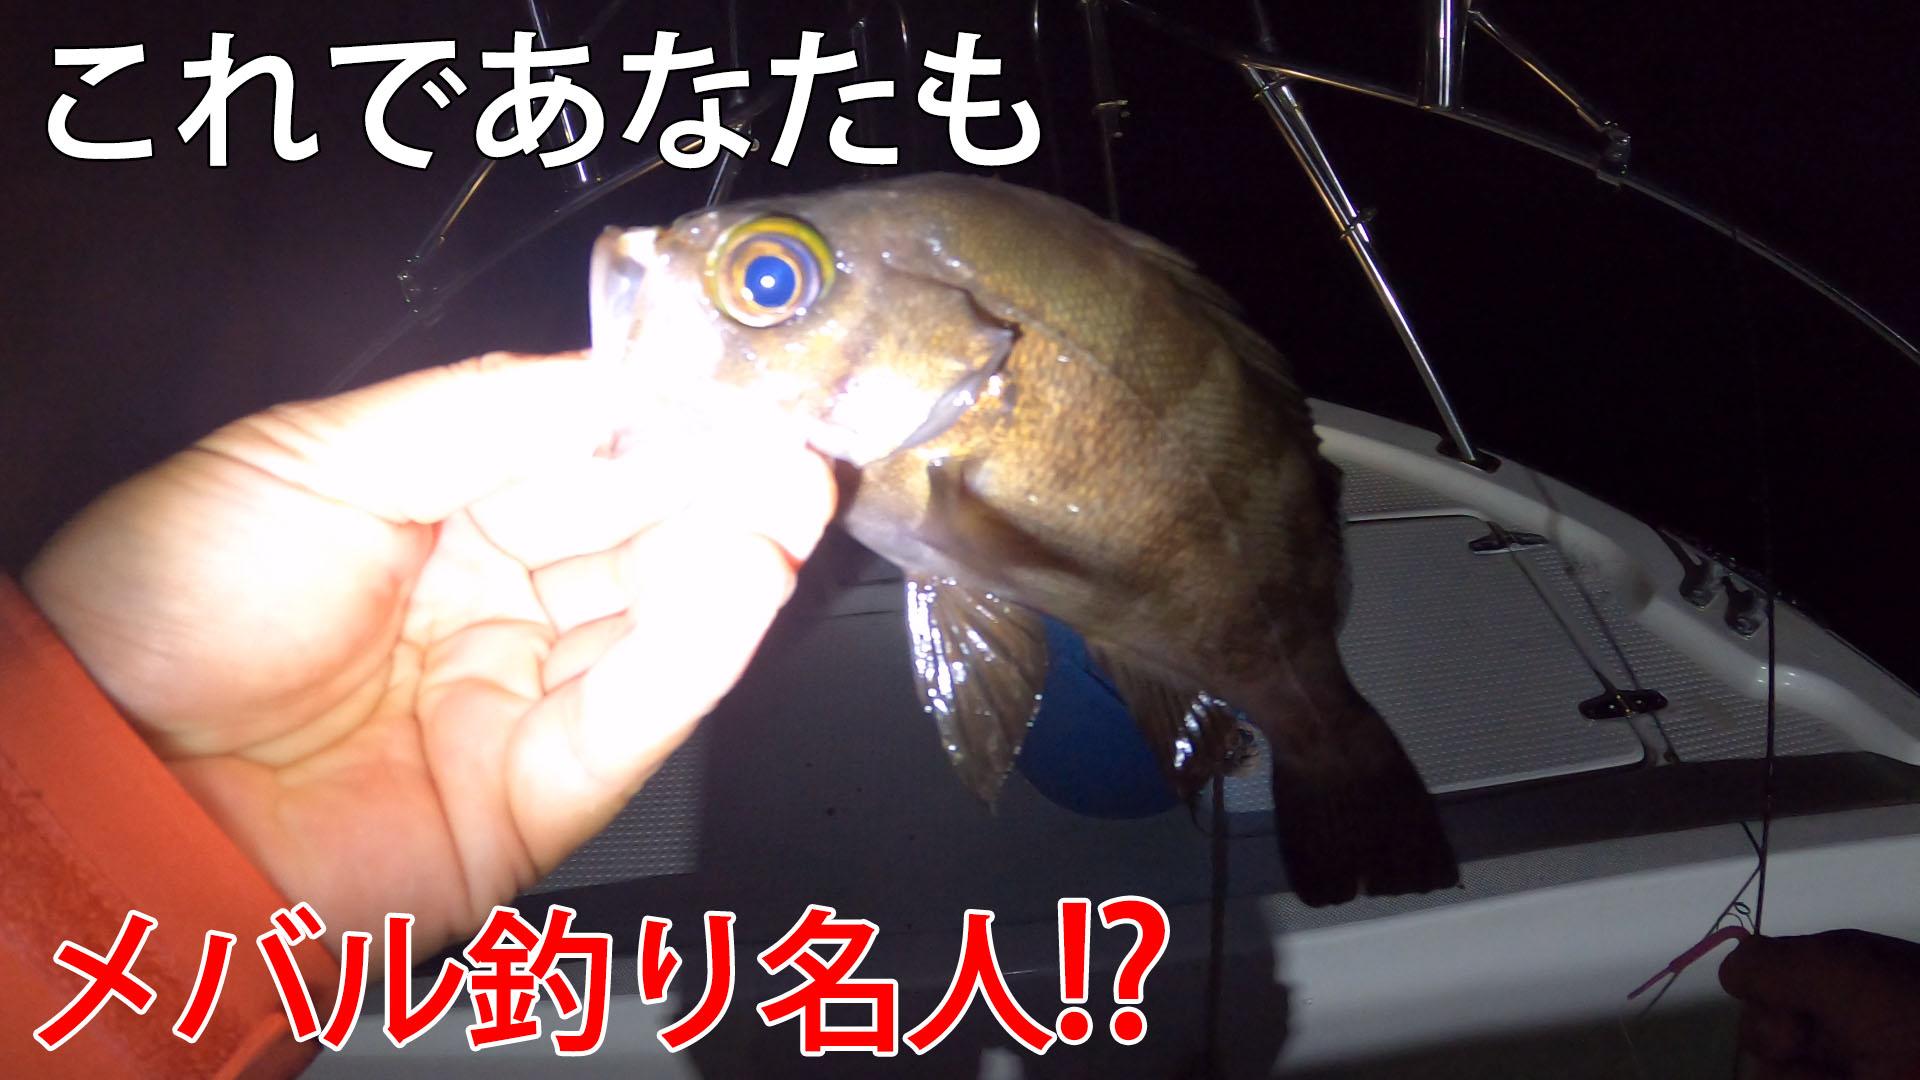 釣りのプロに教わるアジ釣りからのメバル釣り解説のサムネイル